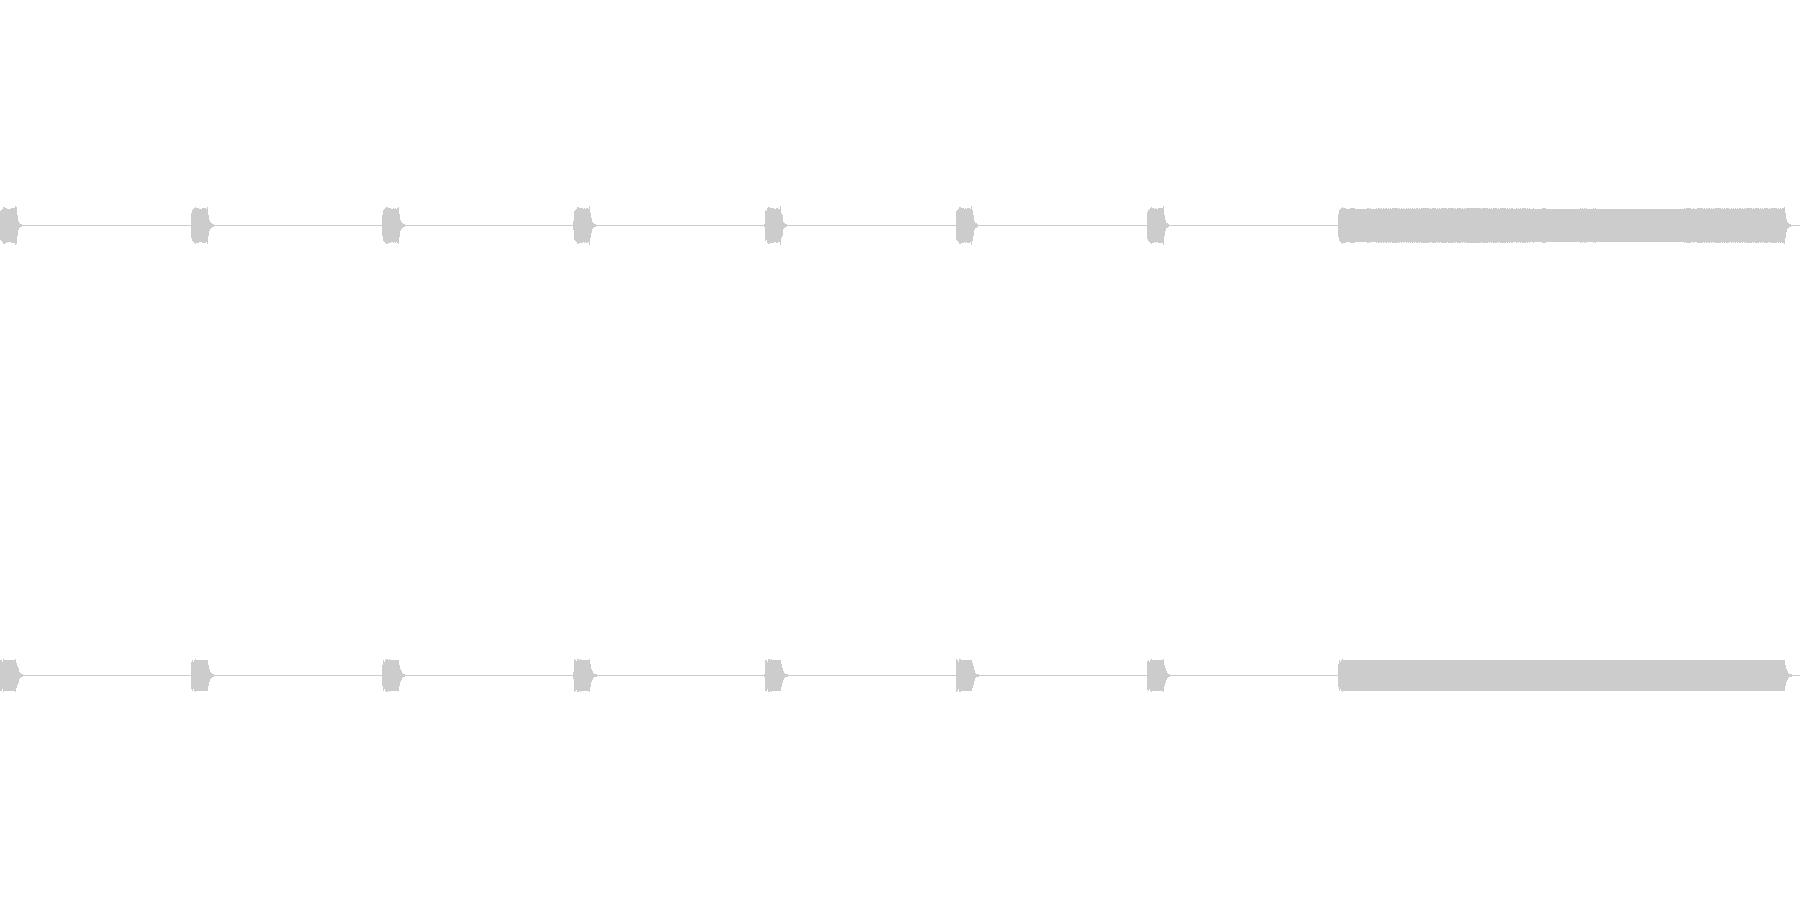 ピッピッピー:心電図の音の未再生の波形